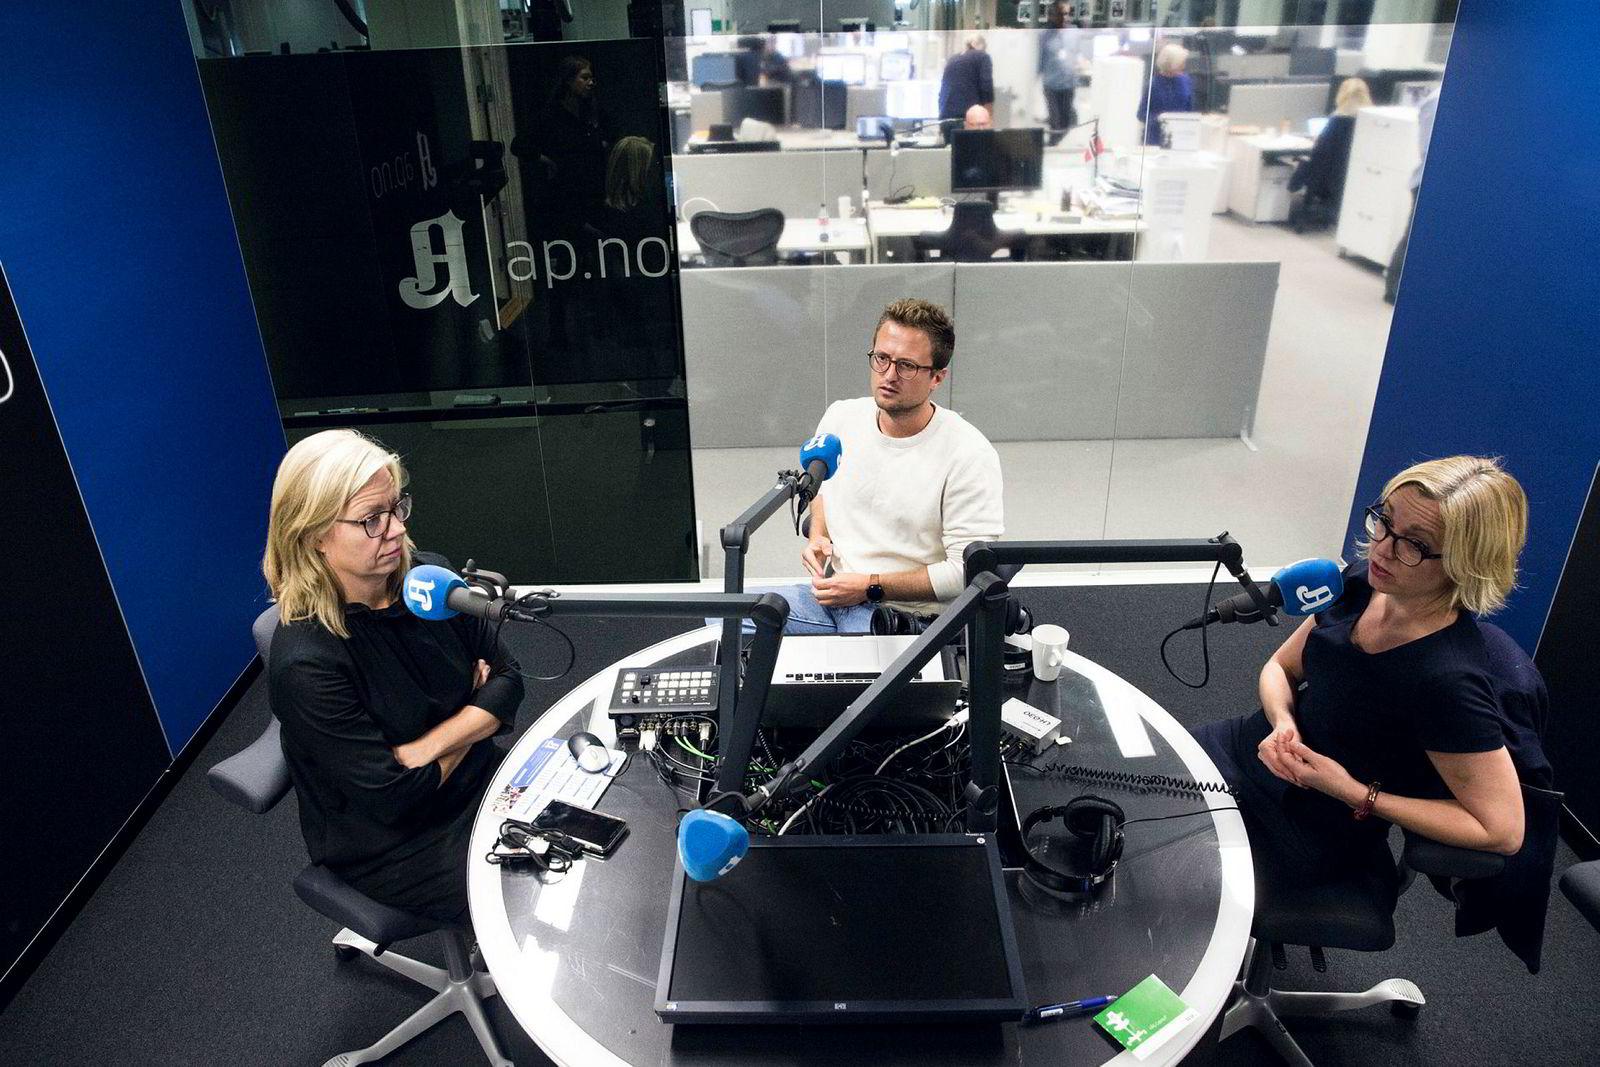 Kulturredaktør Sarah Sørheim (til høyre) i Aftenposten bekymrer seg ikke for at podkast vil være ulønnsomt for avisen. Her avbildet sammen med politisk redaktør Trine Eilertsen og nyhetssjef Lars Glomnes, som hun lager «Aftenpodden» med.